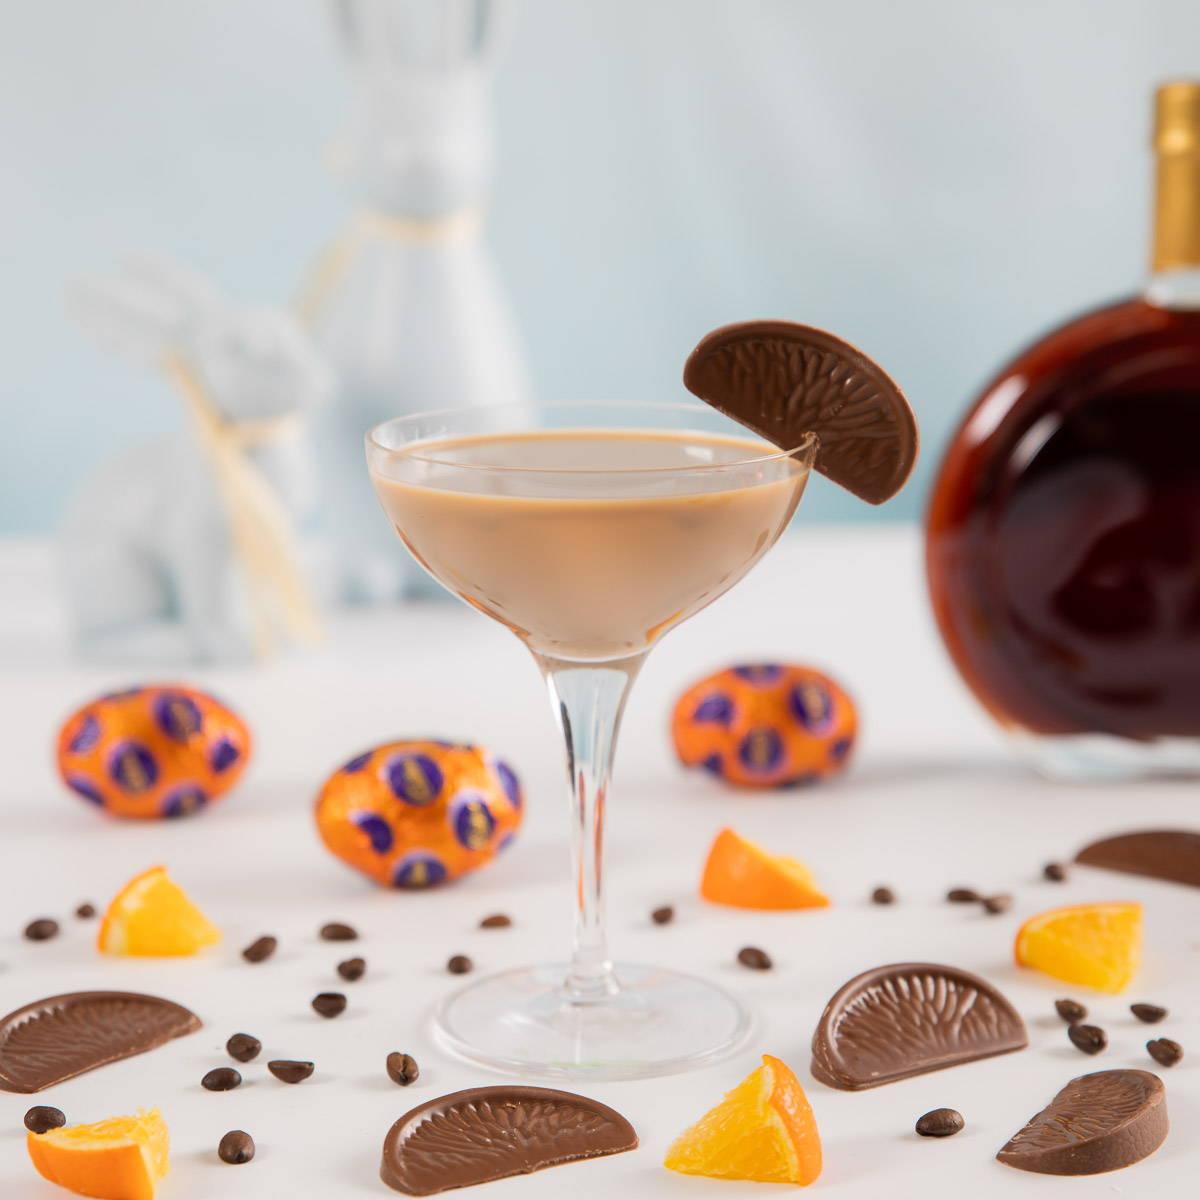 Chocolate Orange Espresso Martini - Flaschengeist